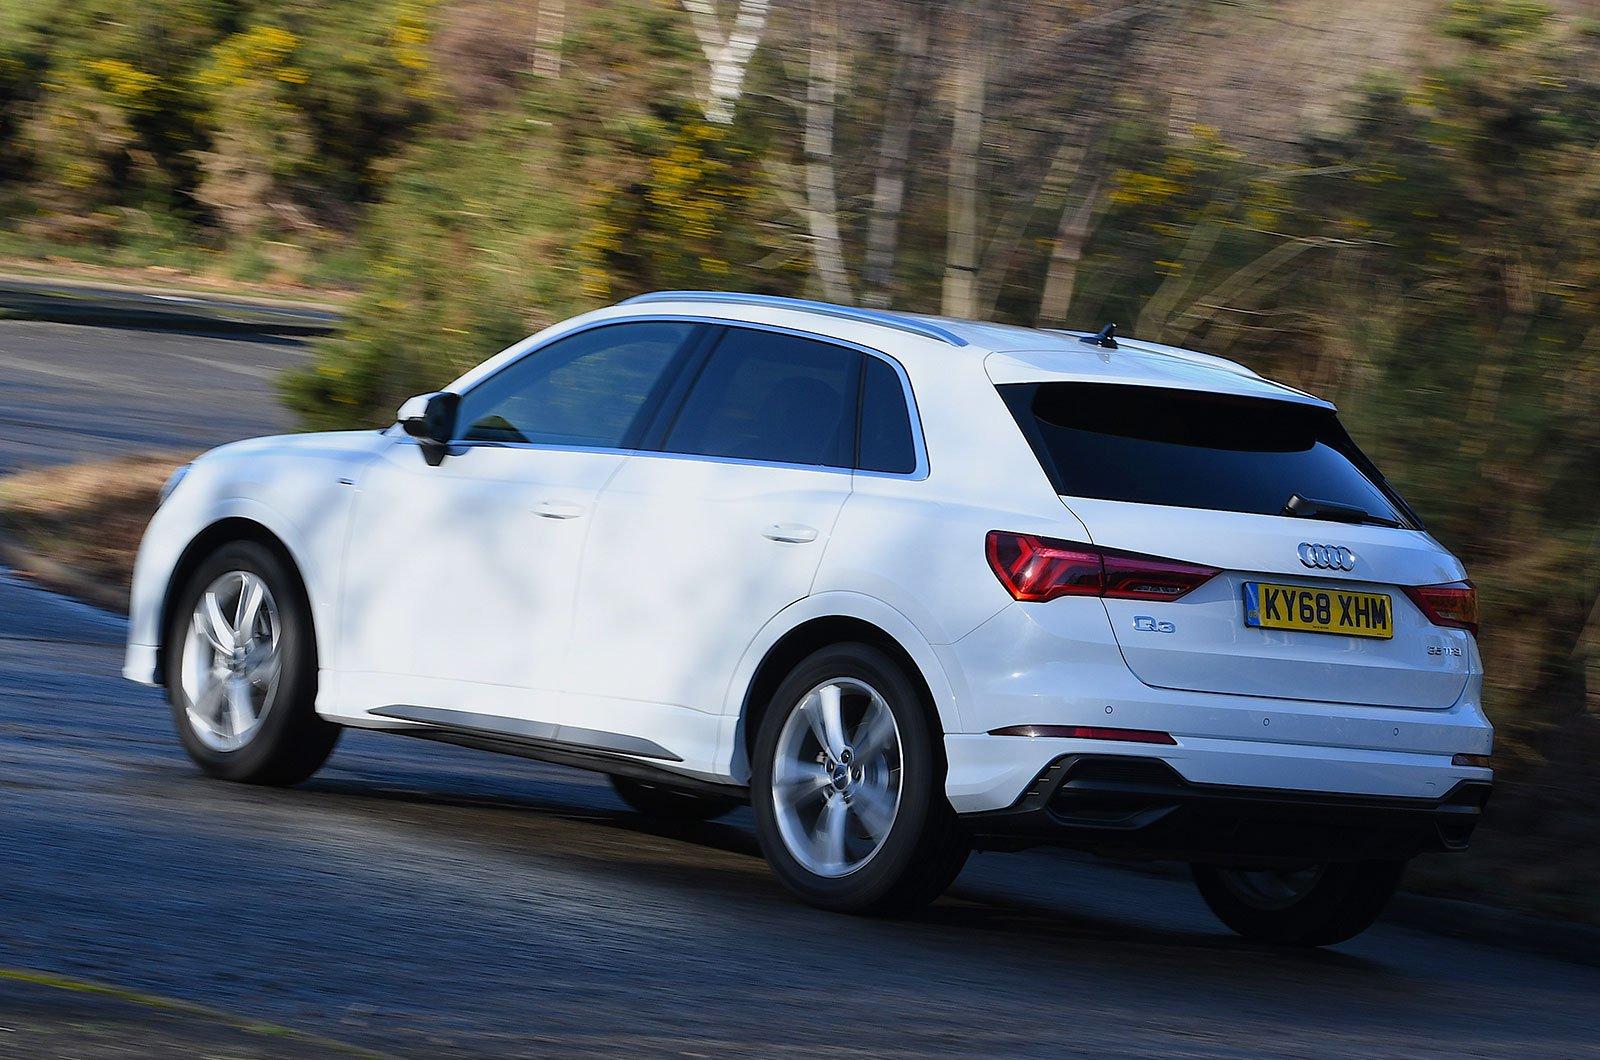 Audi Q3 rear